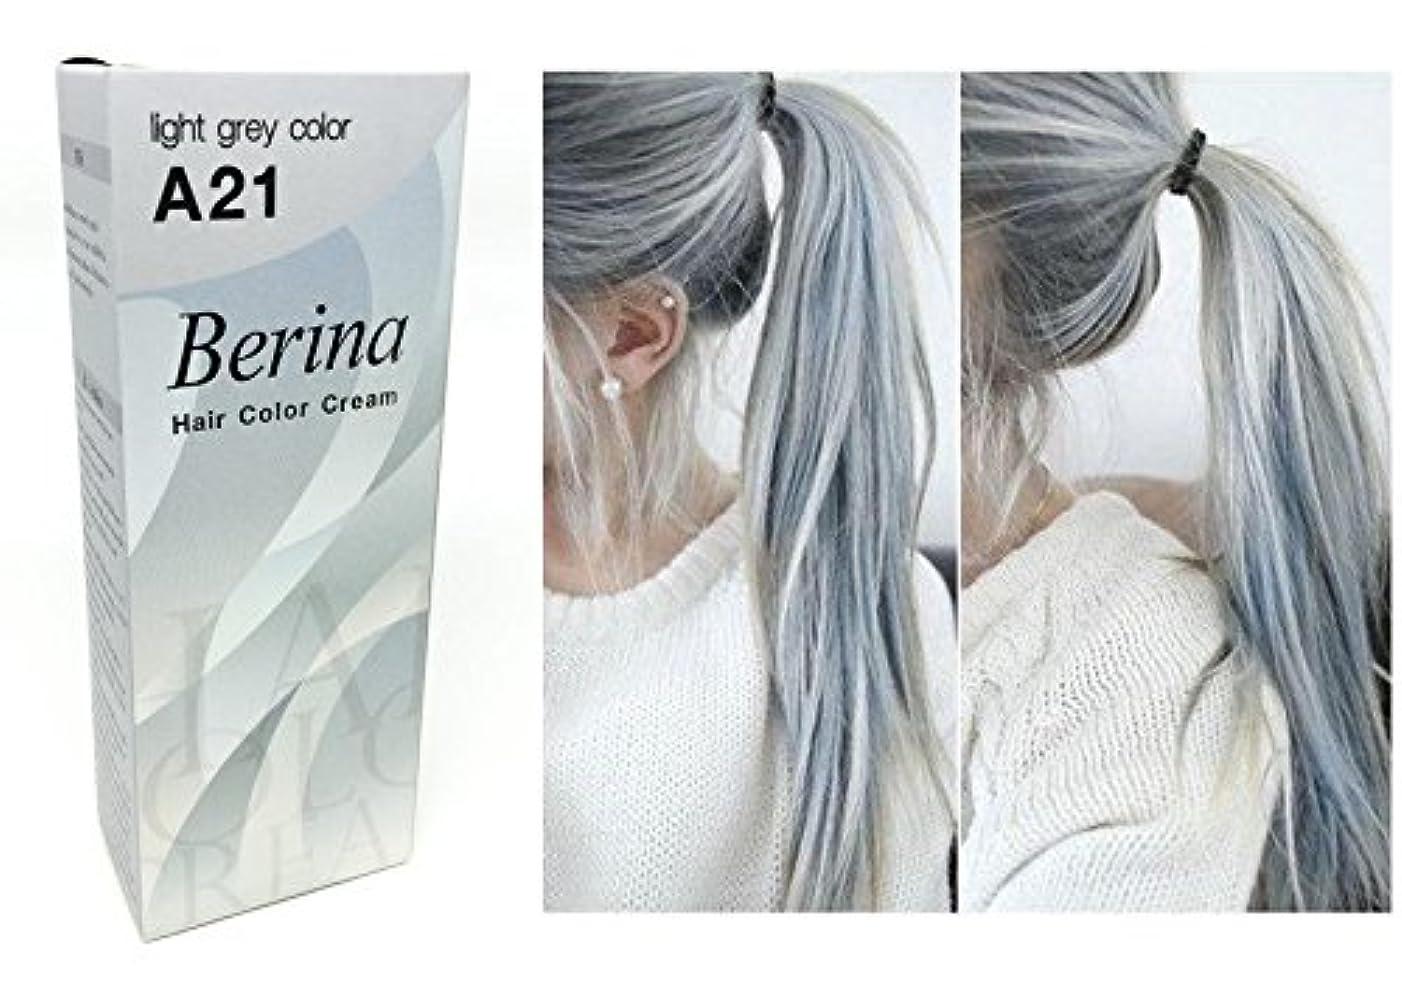 Berina a21ライトグレーシルバーPermanent Hair Dyeカラークリームユニセックス – パンクスタイル